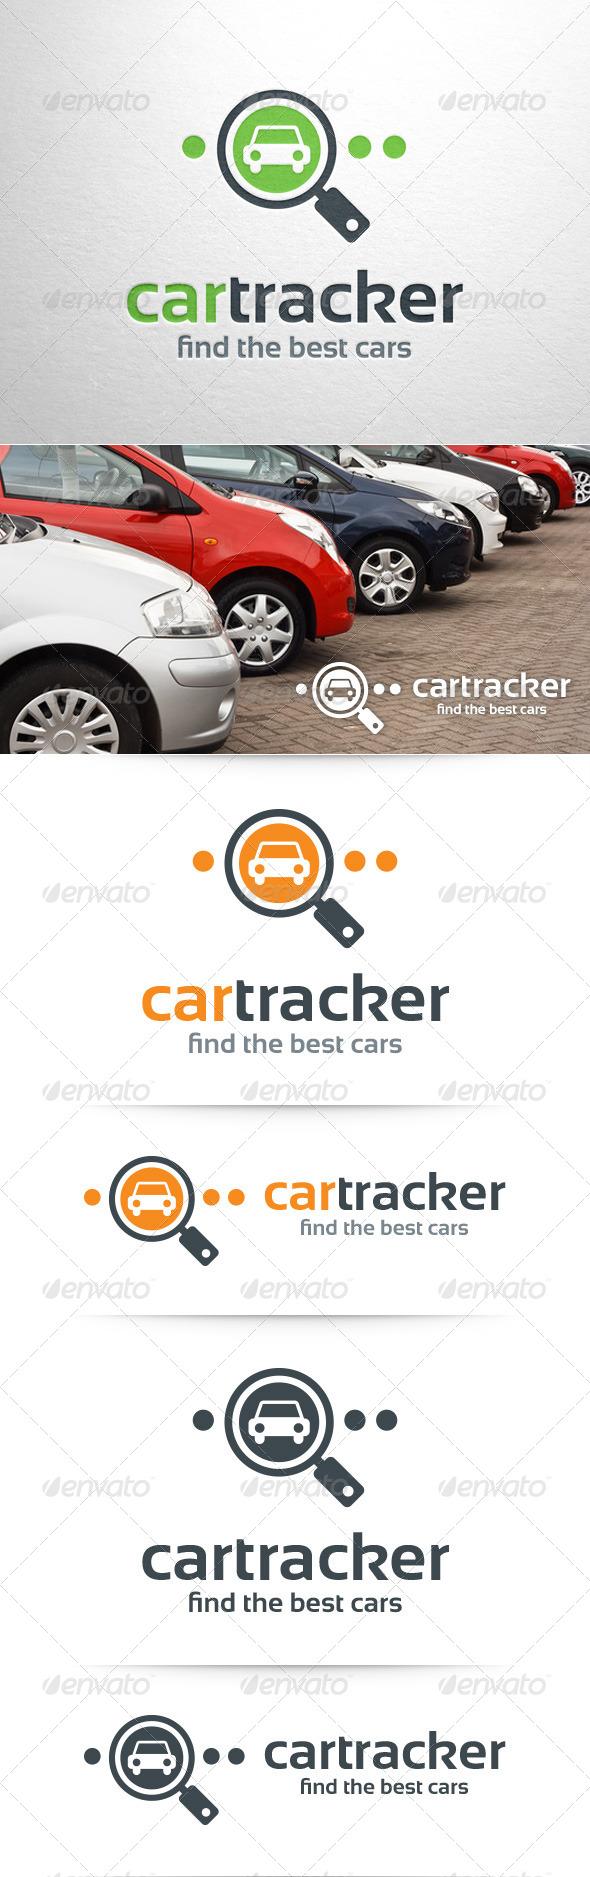 GraphicRiver Car Tracker Logo Template 8405890